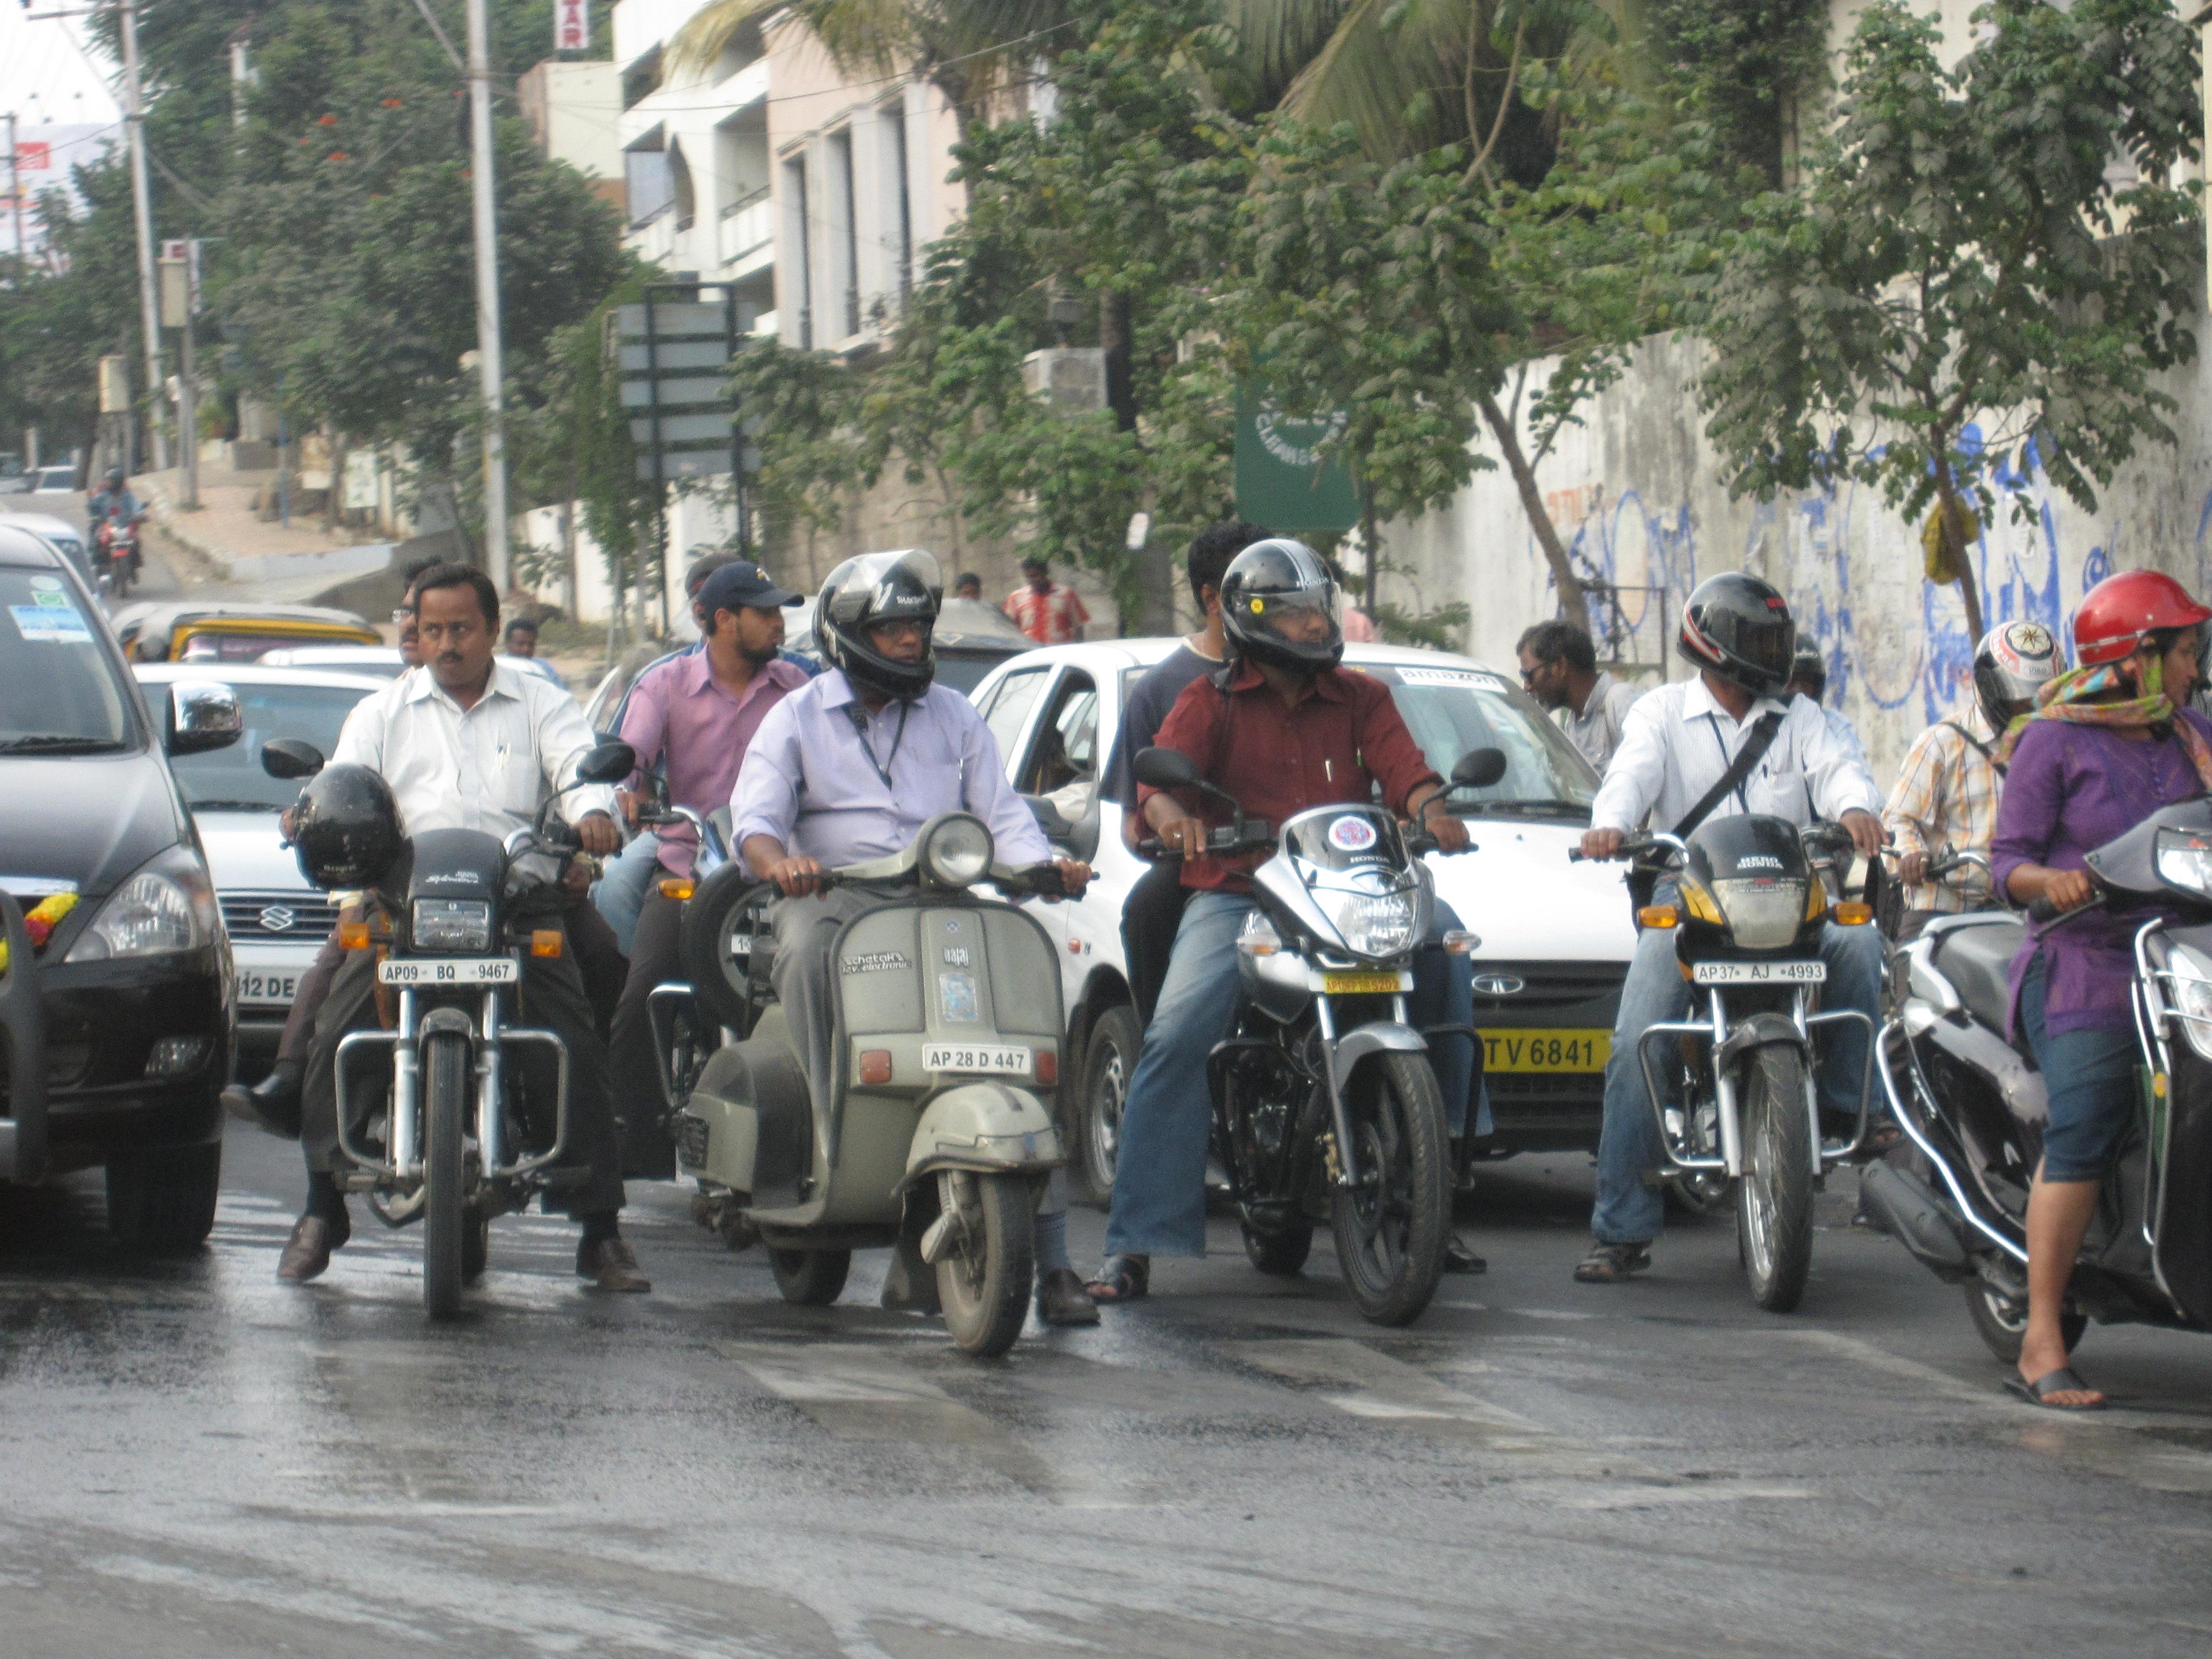 Motorcycle riders generally wearing helmets